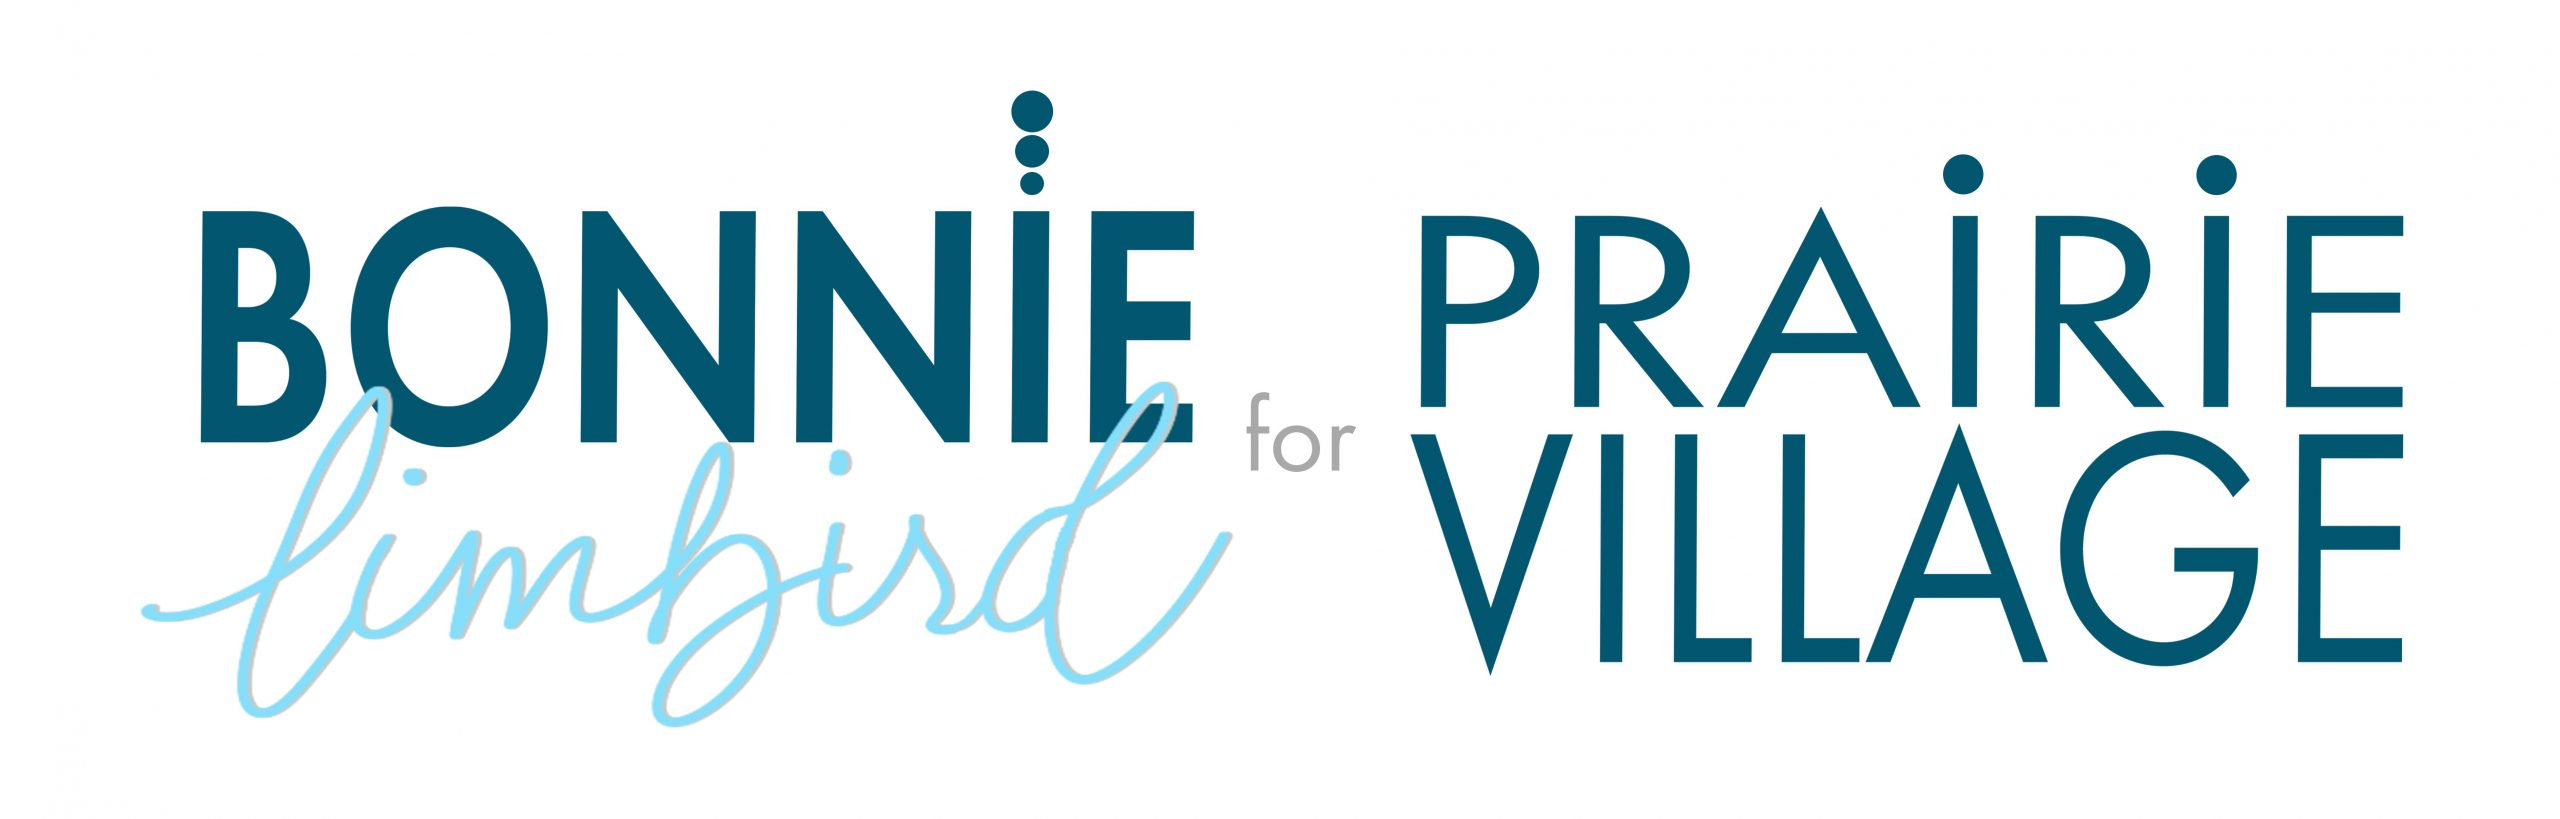 Bonnie Limbird for Prairie Village